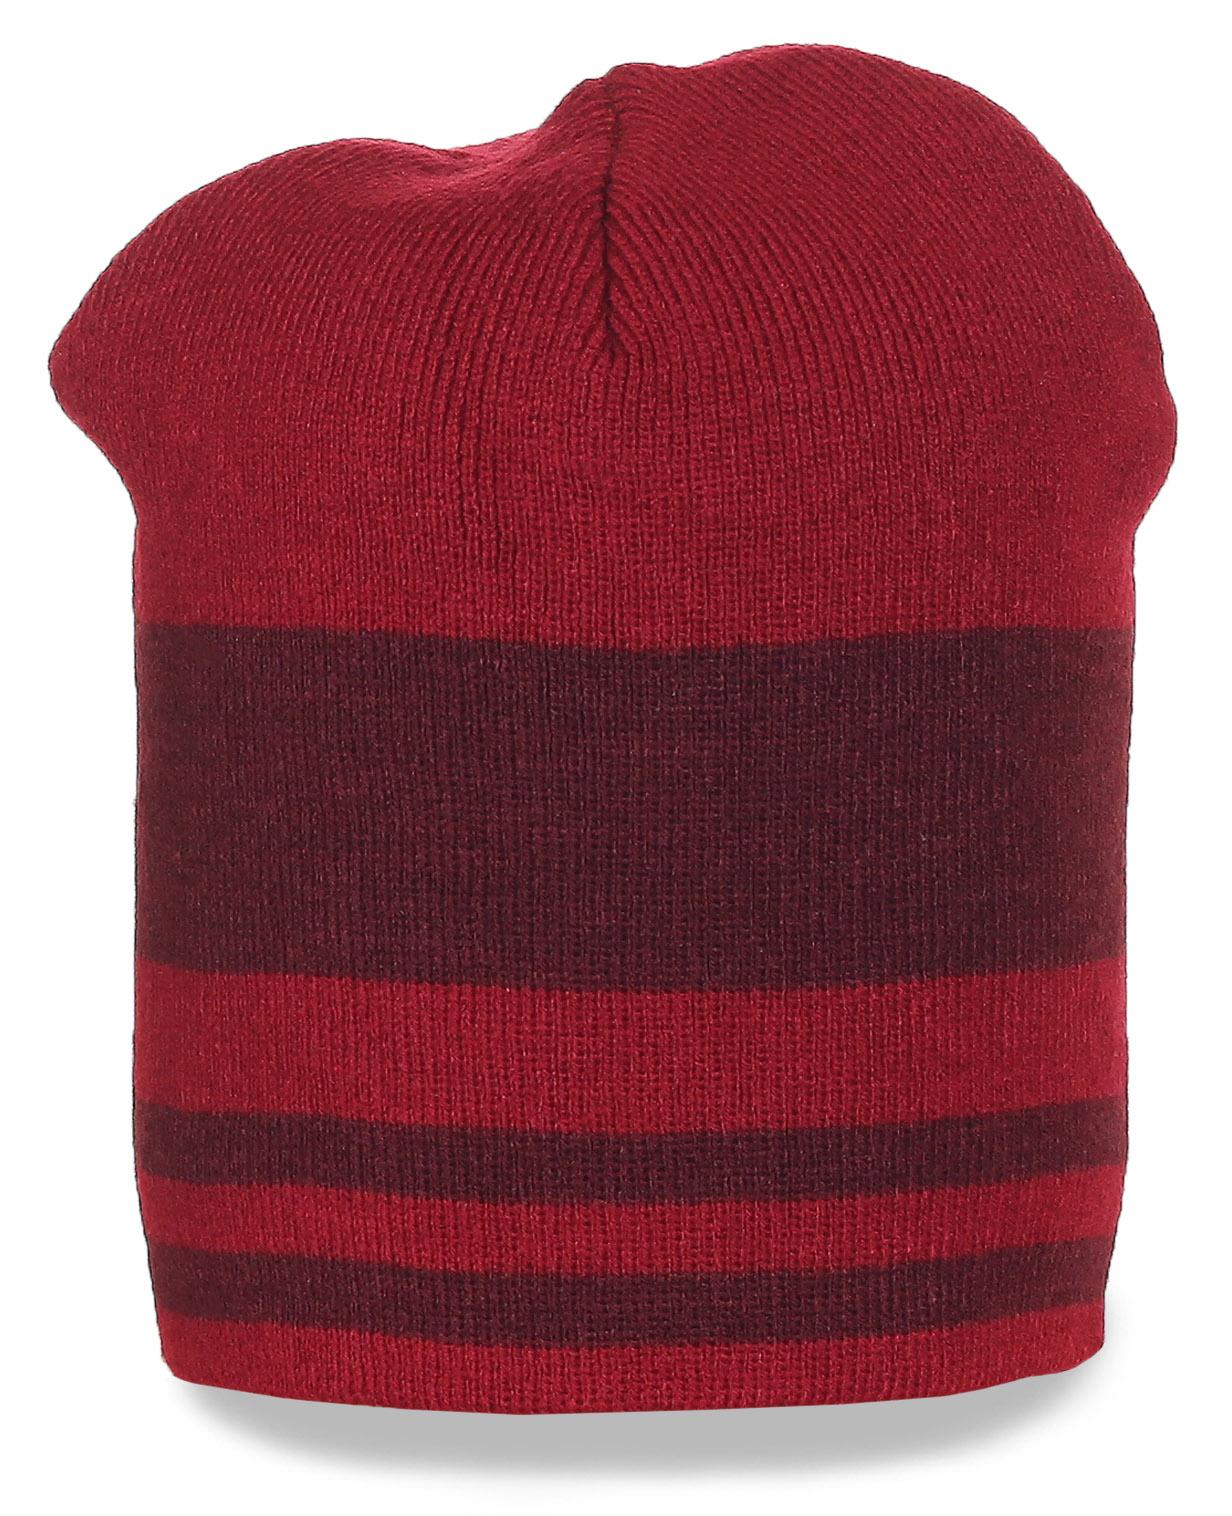 Красная шапка с горизонтальной полоской